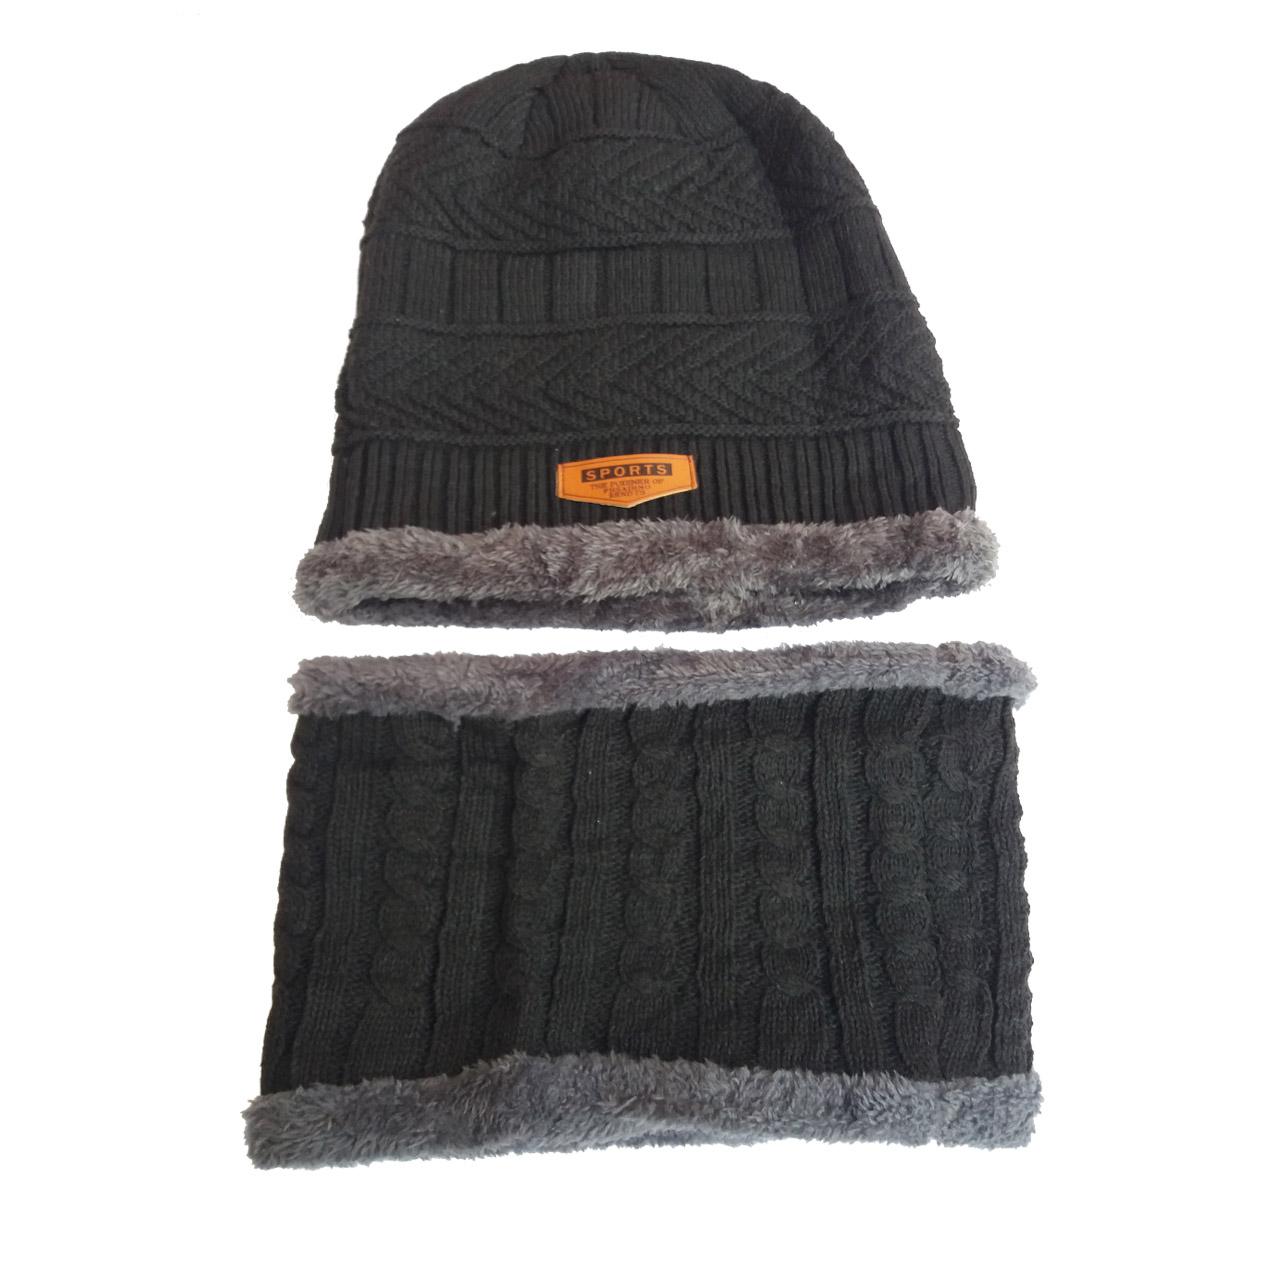 ست کلاه و شال گردن بافتنی مردانه کد 789